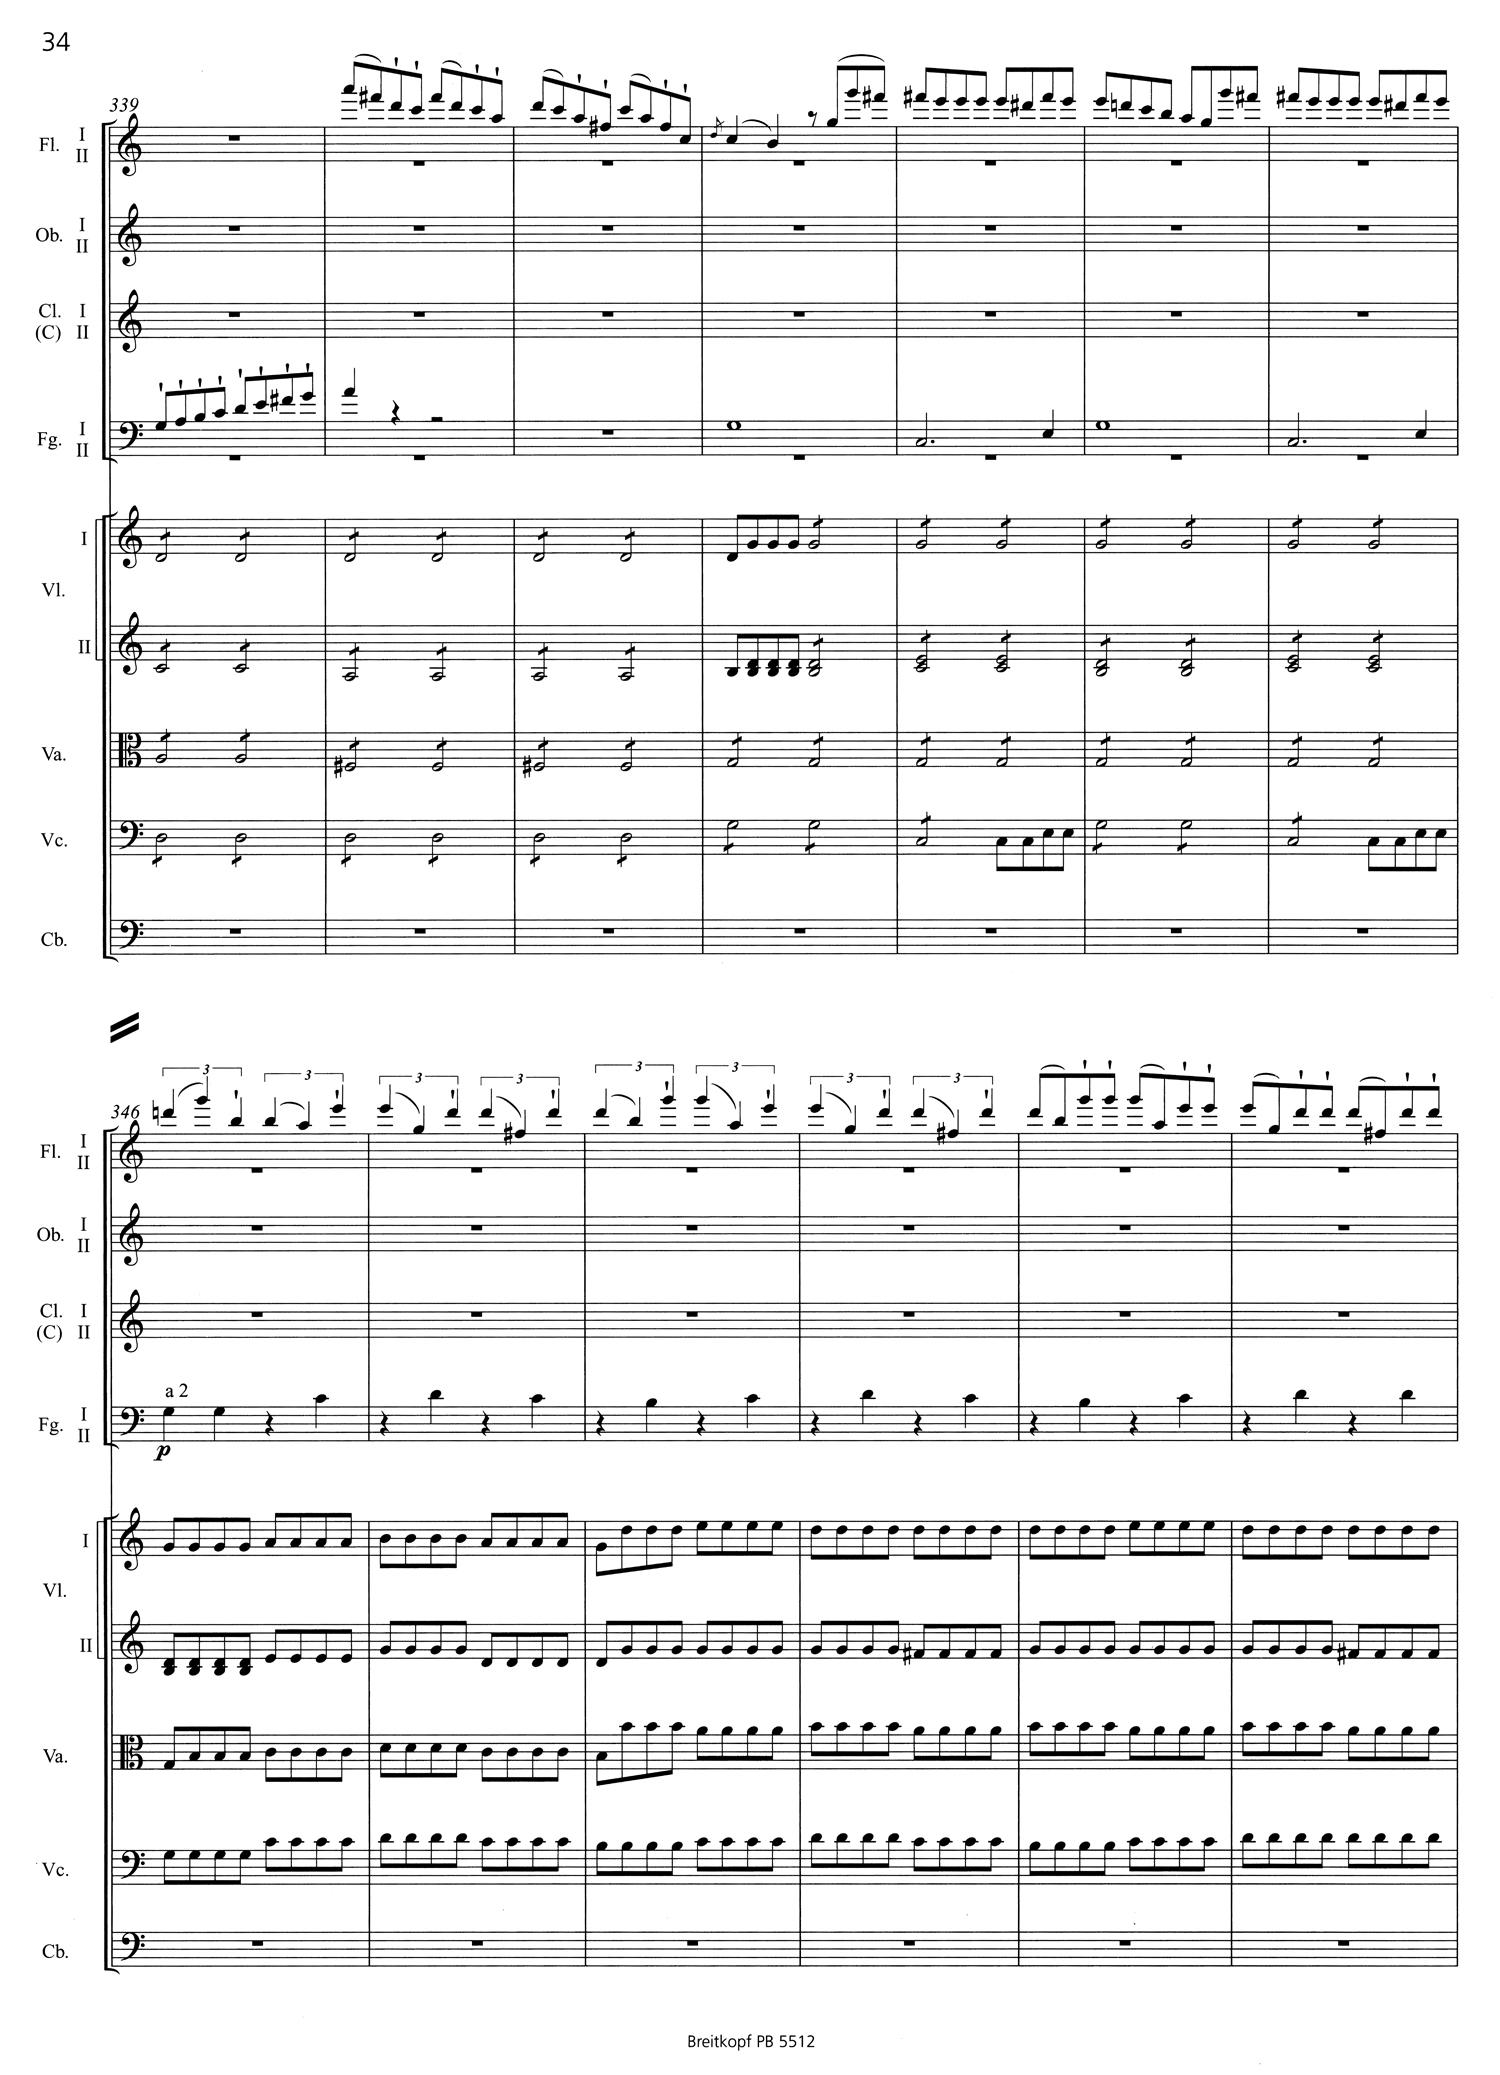 Beethoven Leonore Score 2.jpg